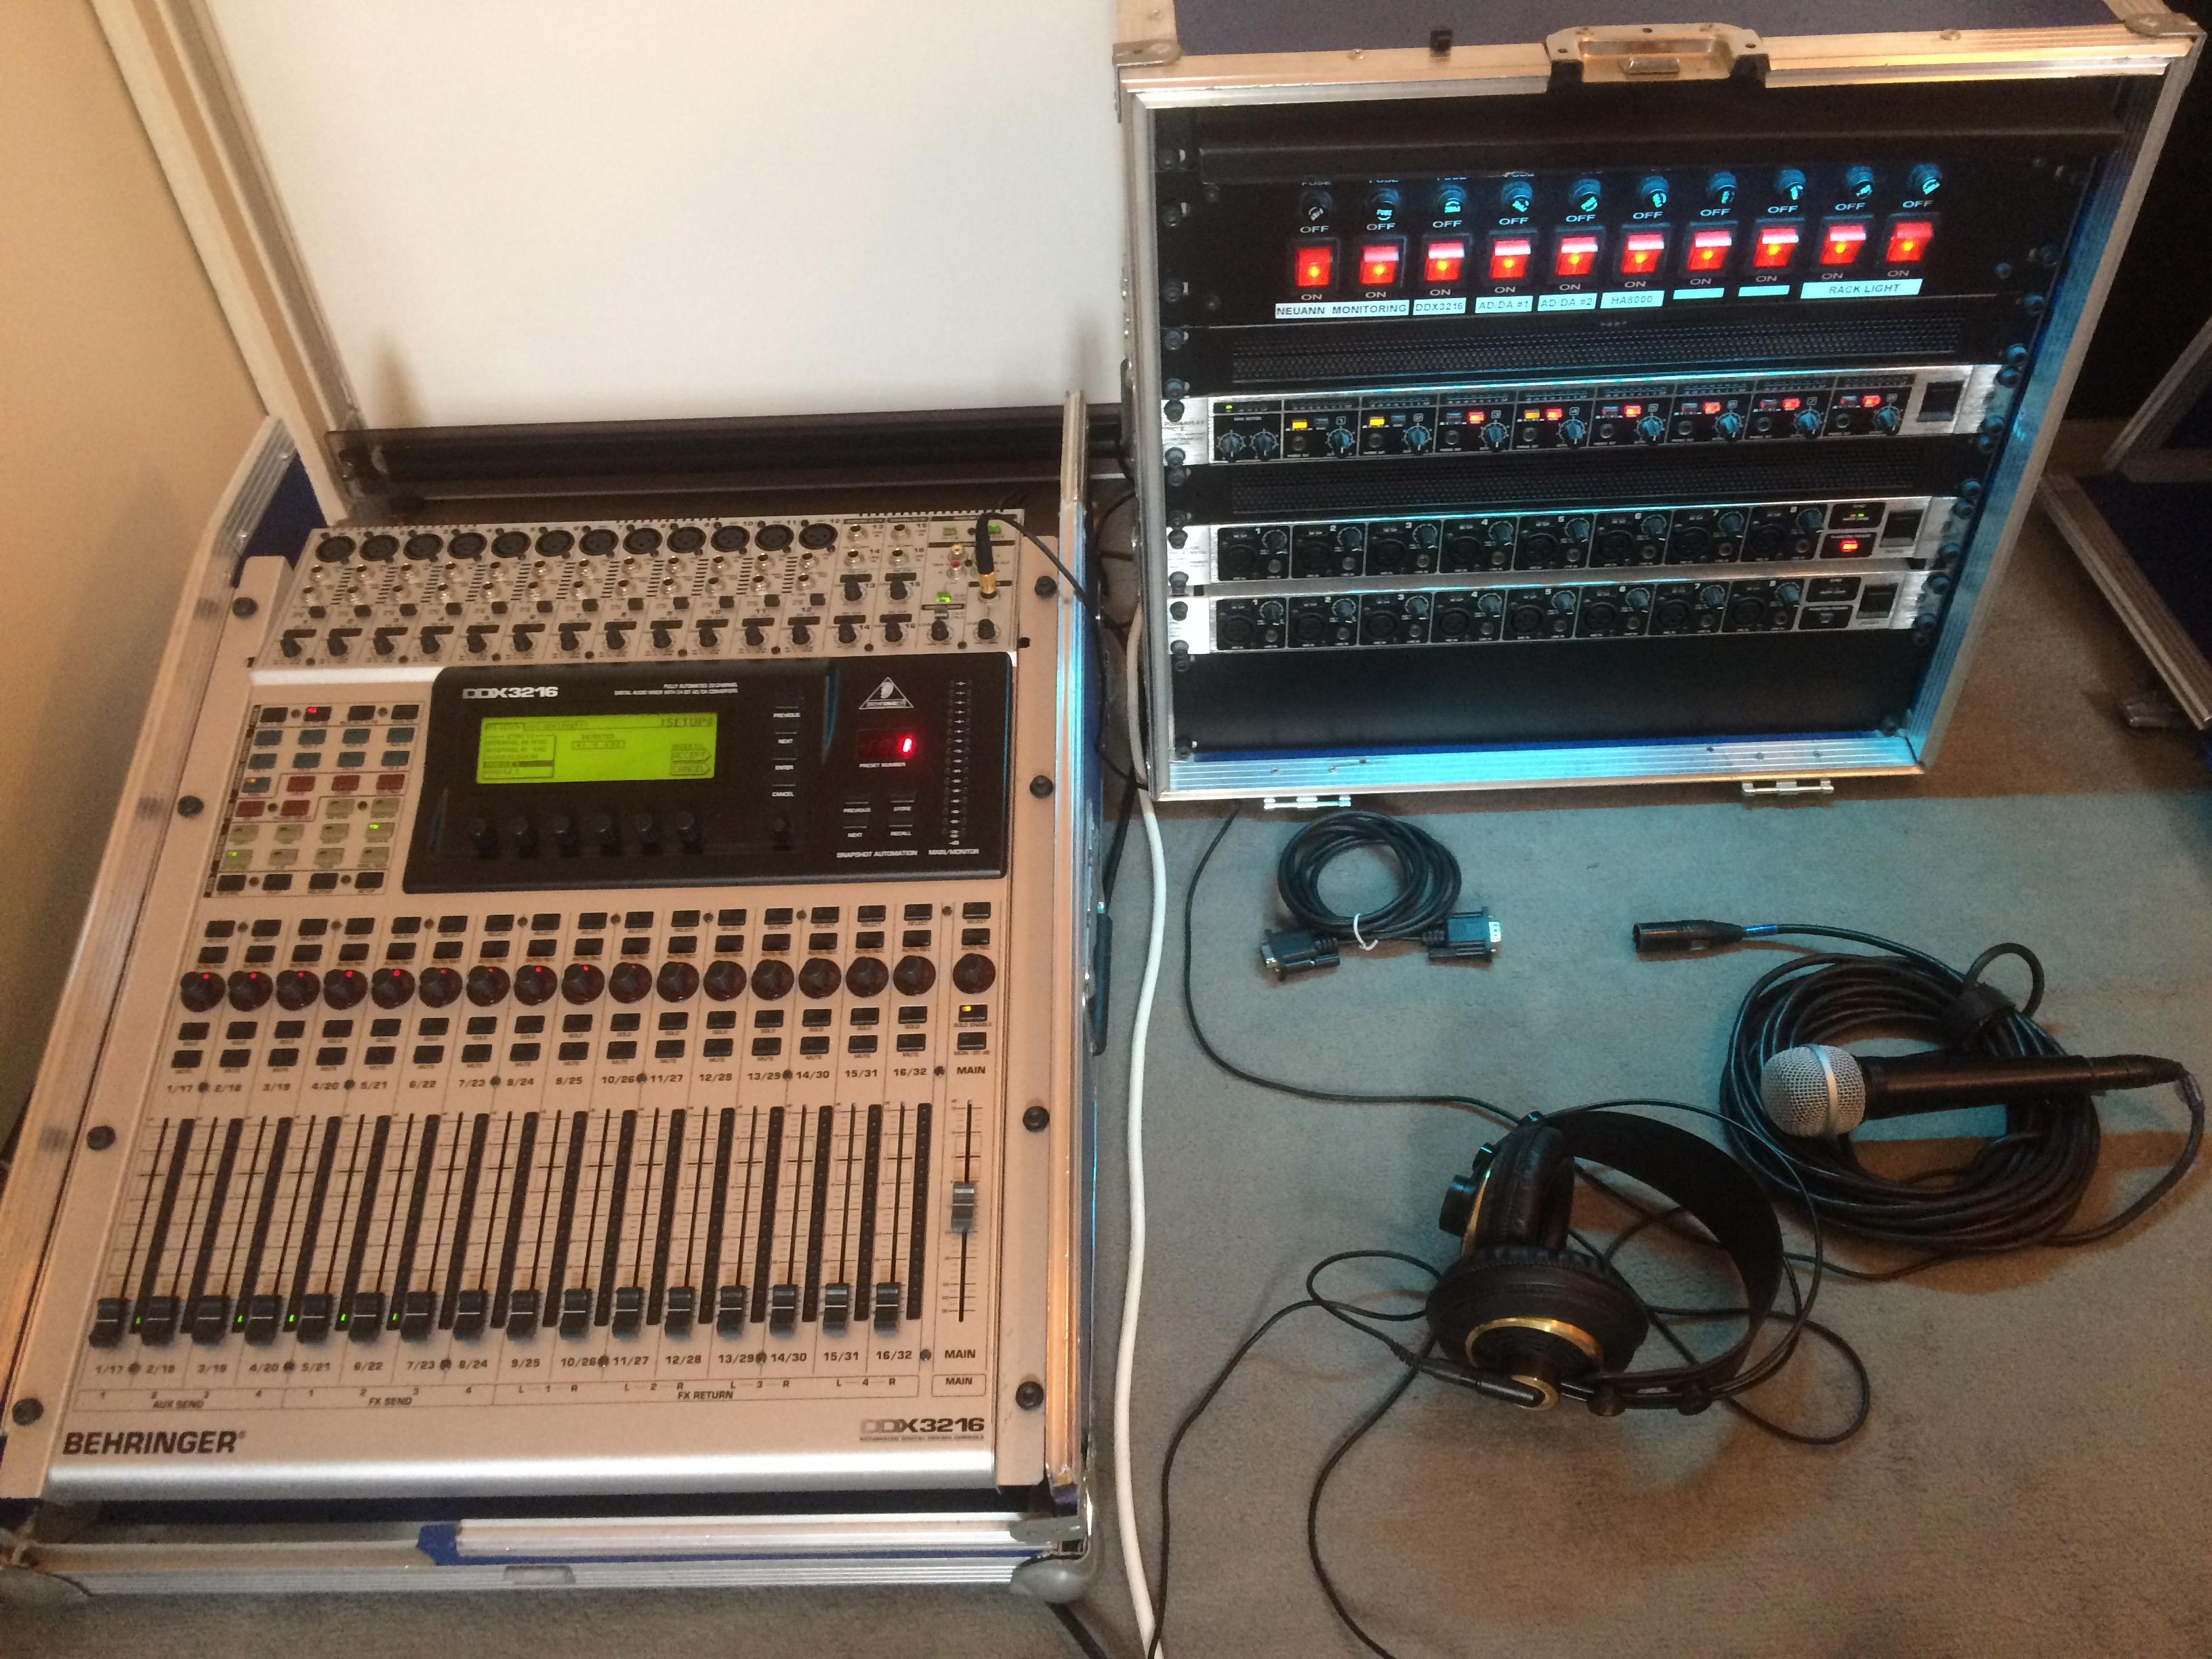 Photo behringer ddx3216 behringer ddx3216 69542 1622847 audiofanzine - Console numerique behringer ...